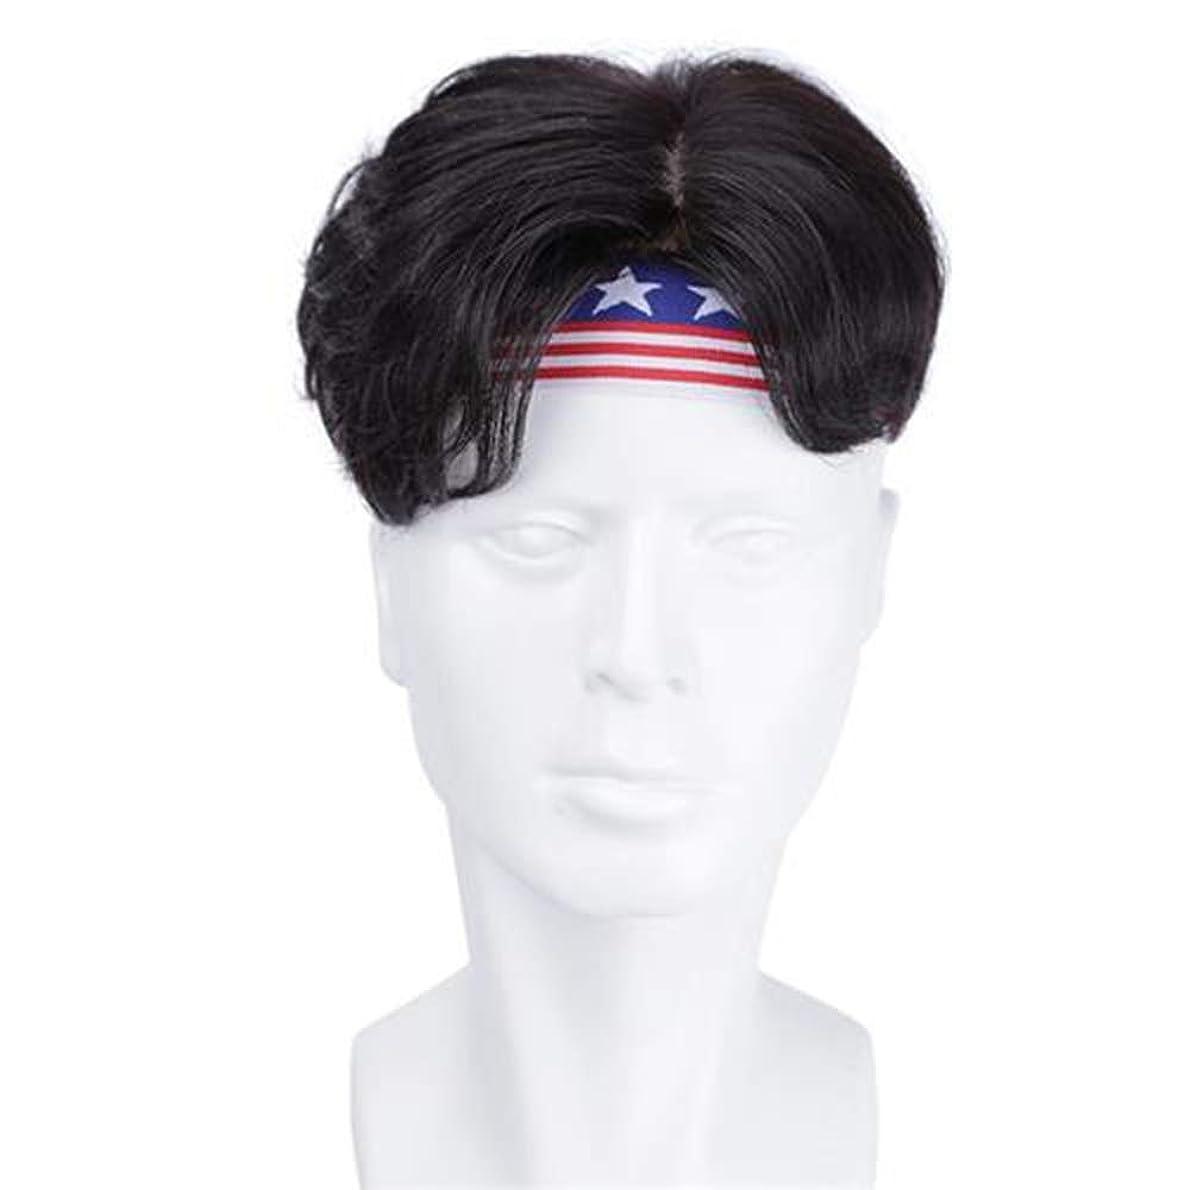 フォーマル一節煙突かつら 前髪付きのハンサムなふわふわのナチュラルショートヘア手編みリアルヘアウィッグファッションウィッグ (色 : Natural black, サイズ : 18x20)